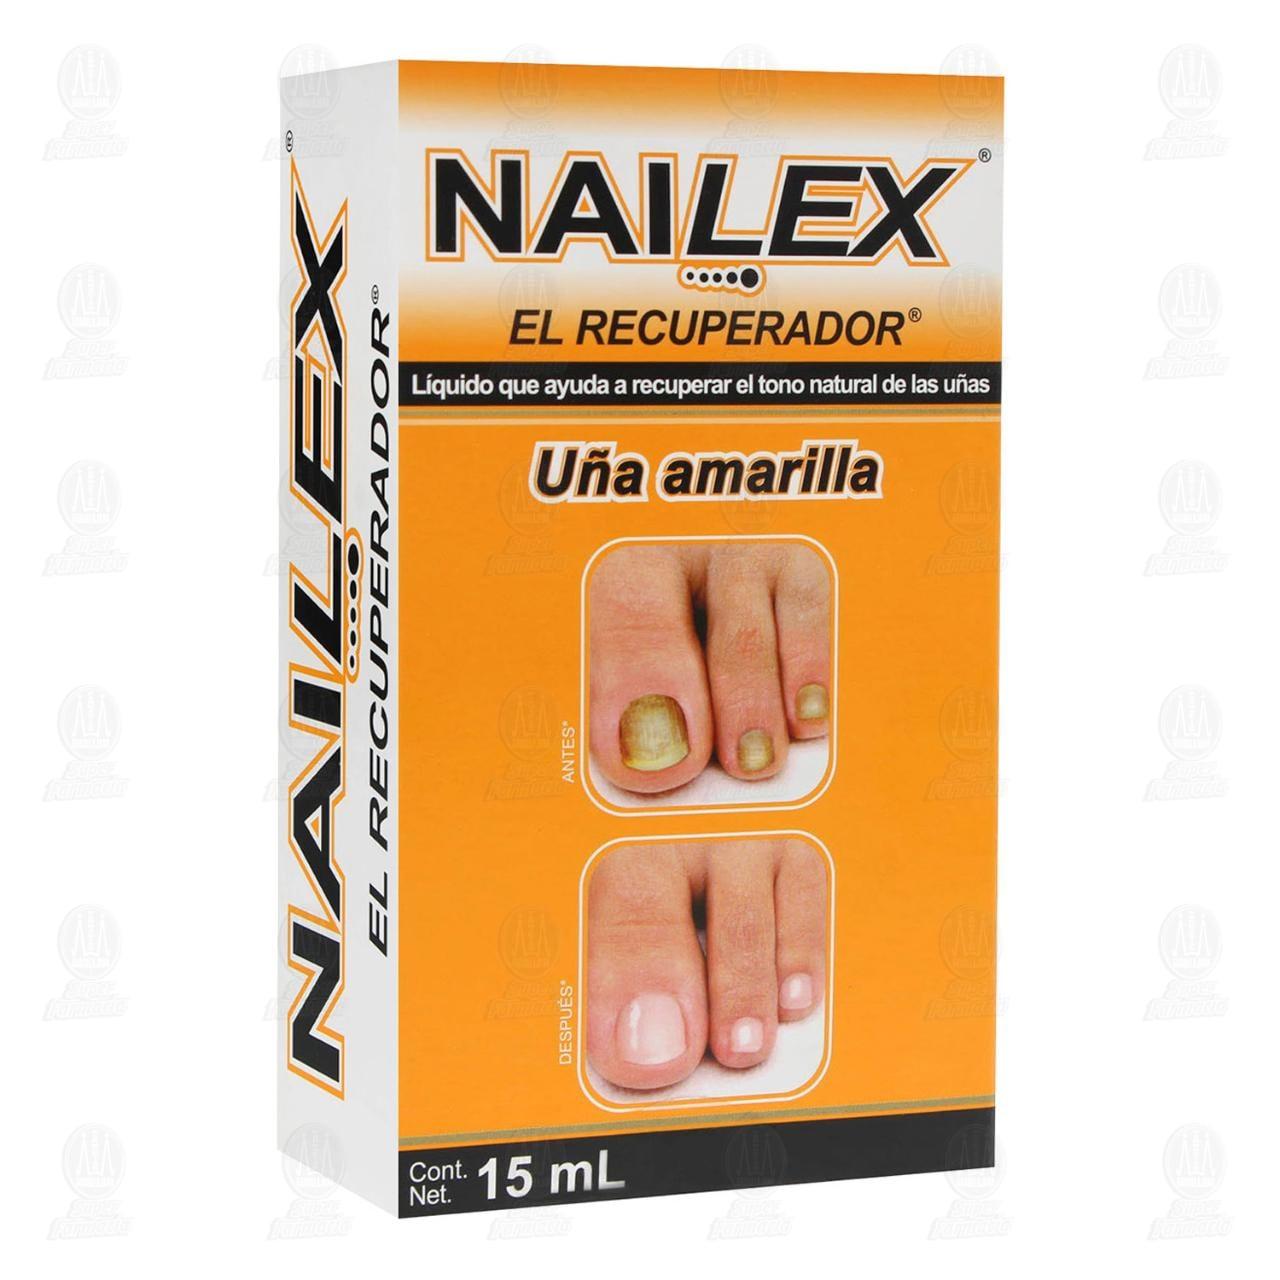 Comprar Nailex Líquido Uñas Amarillas 15ml en Farmacias Guadalajara